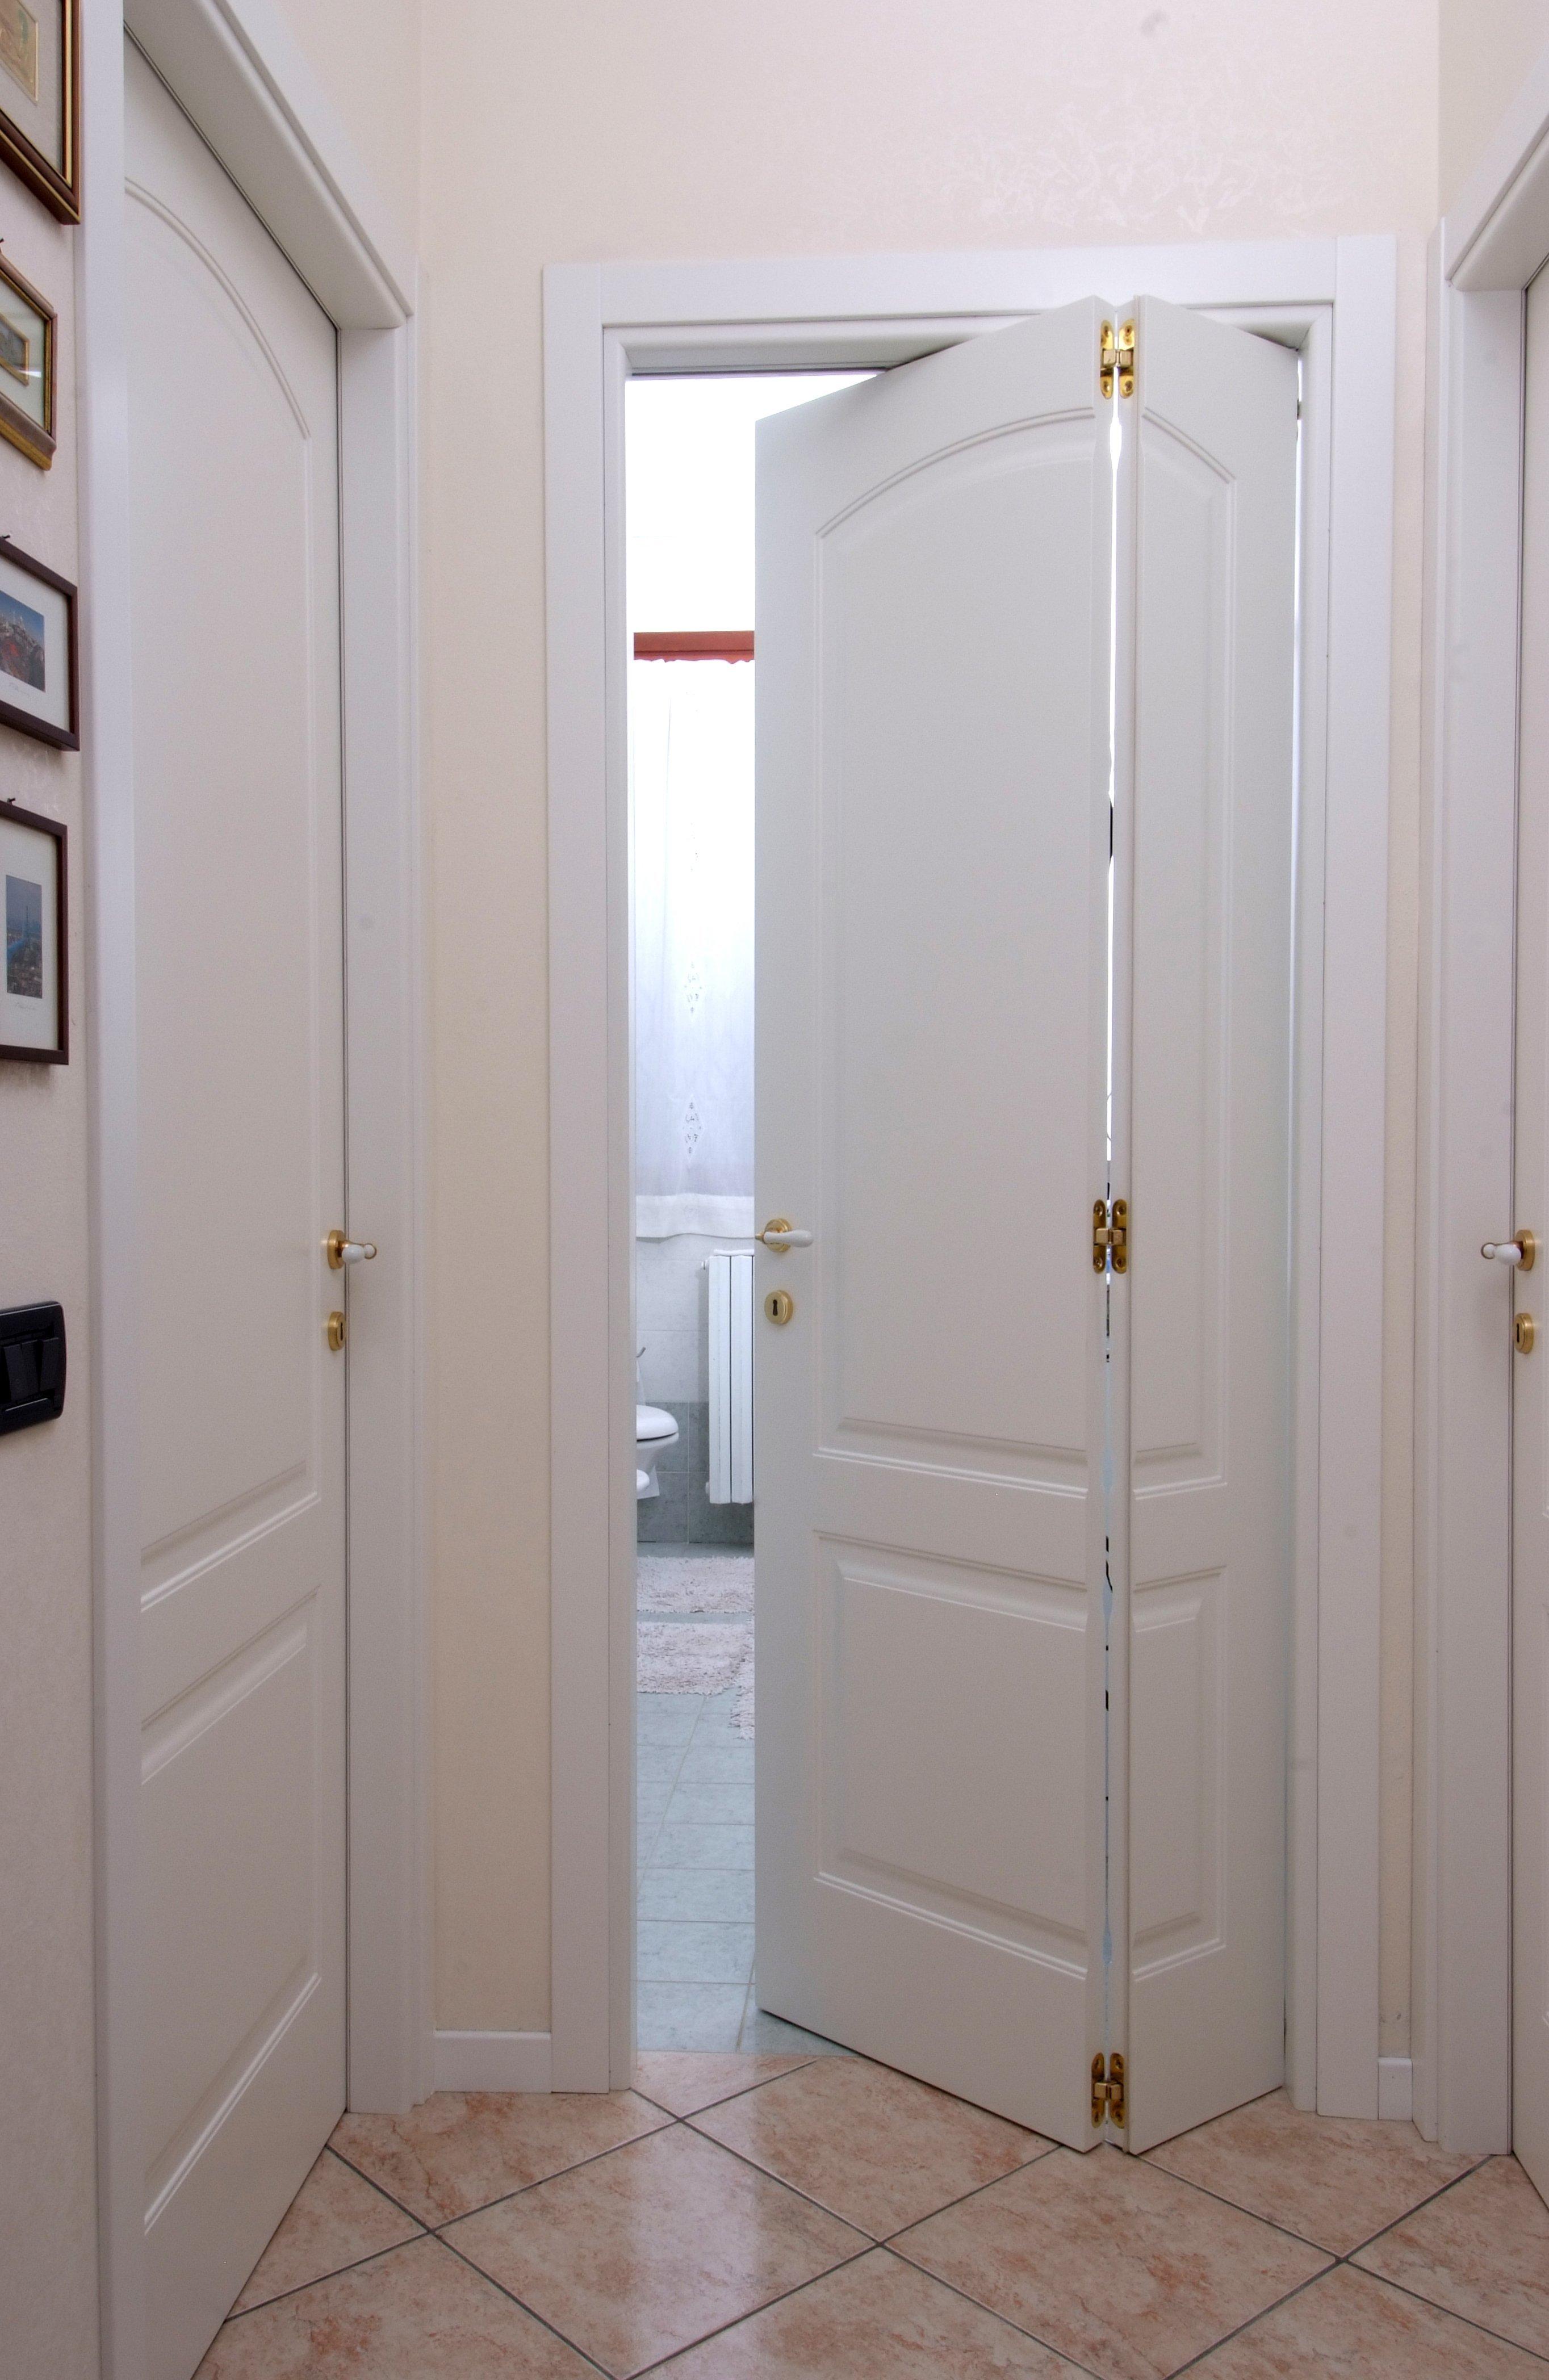 porta interna bianca aperta